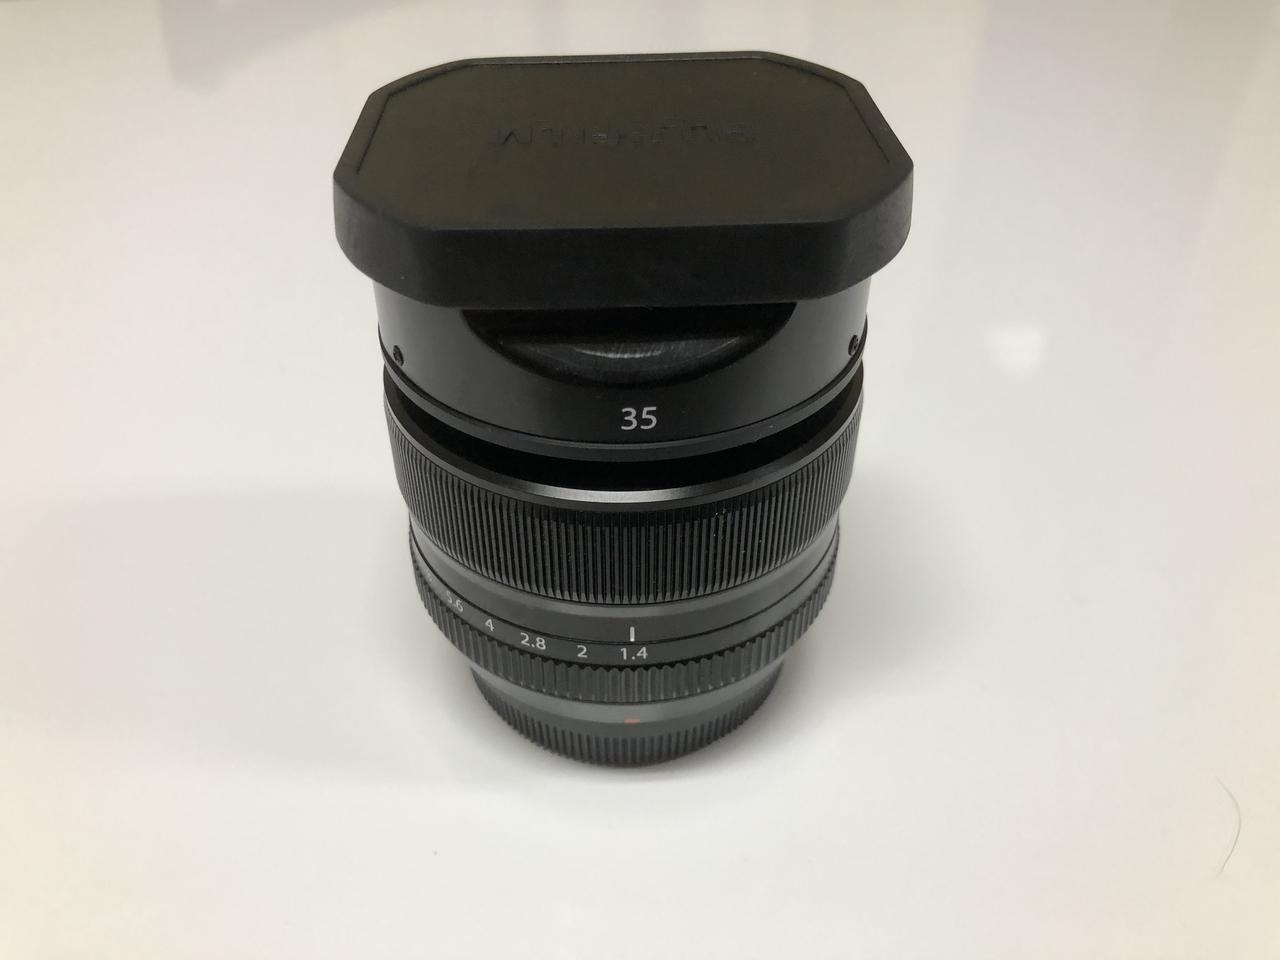 画像: 単焦点レンズ FUJIFILM XF35mmF1.4